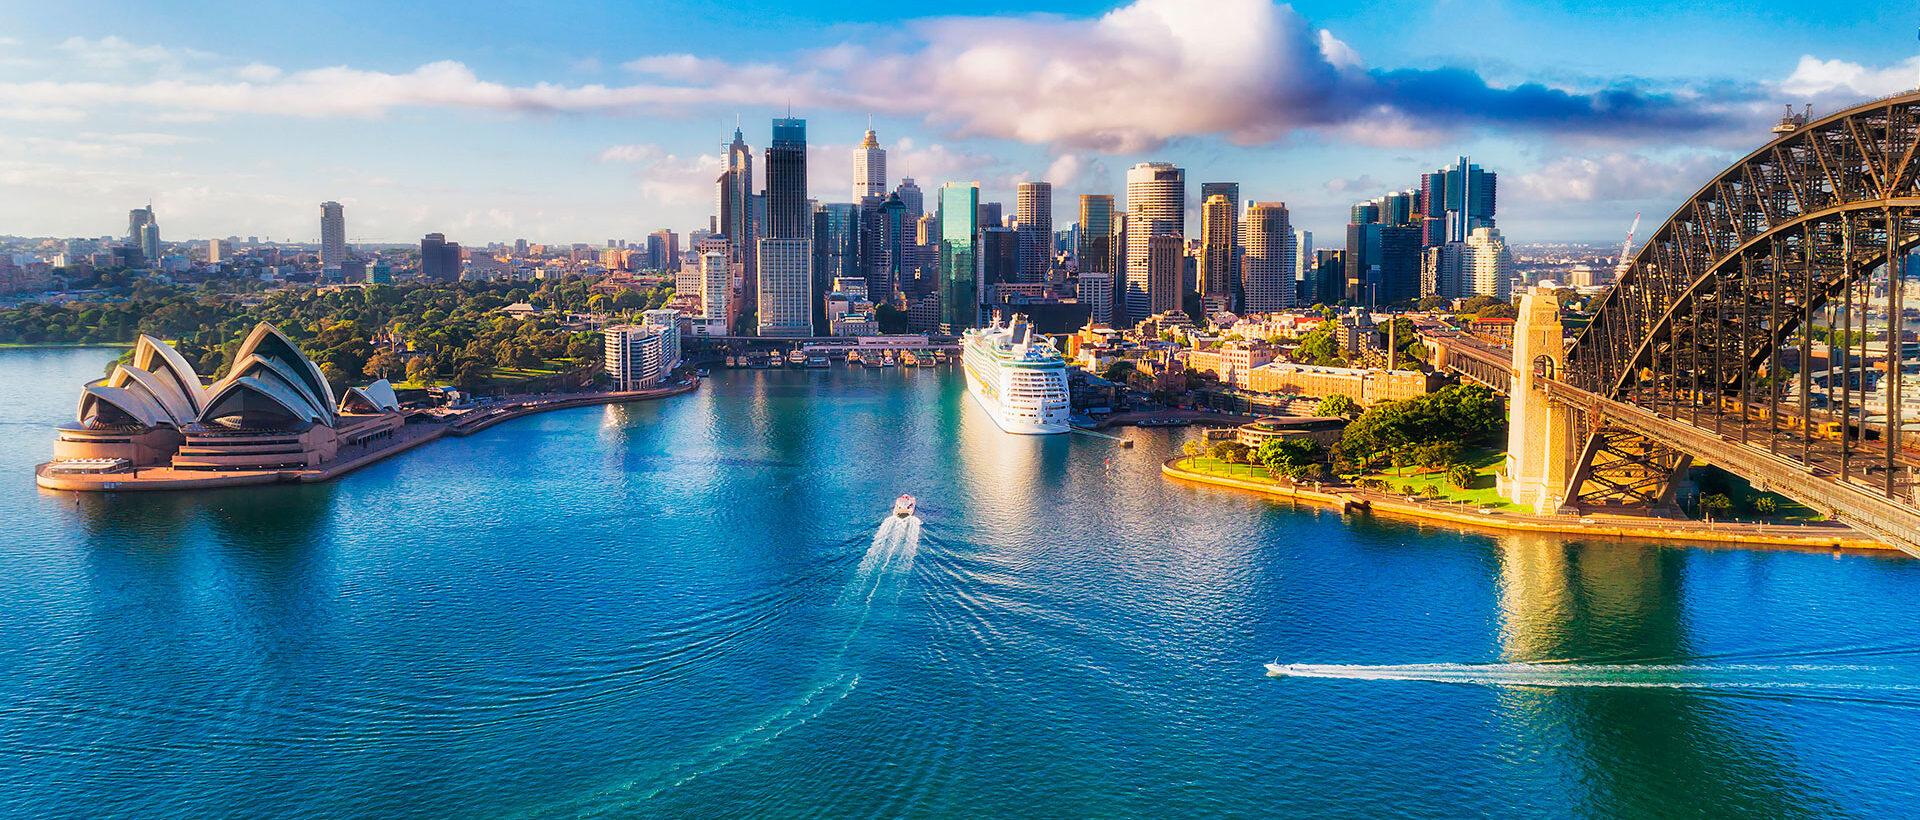 Estude e trabalhe na Austrália por 4 meses